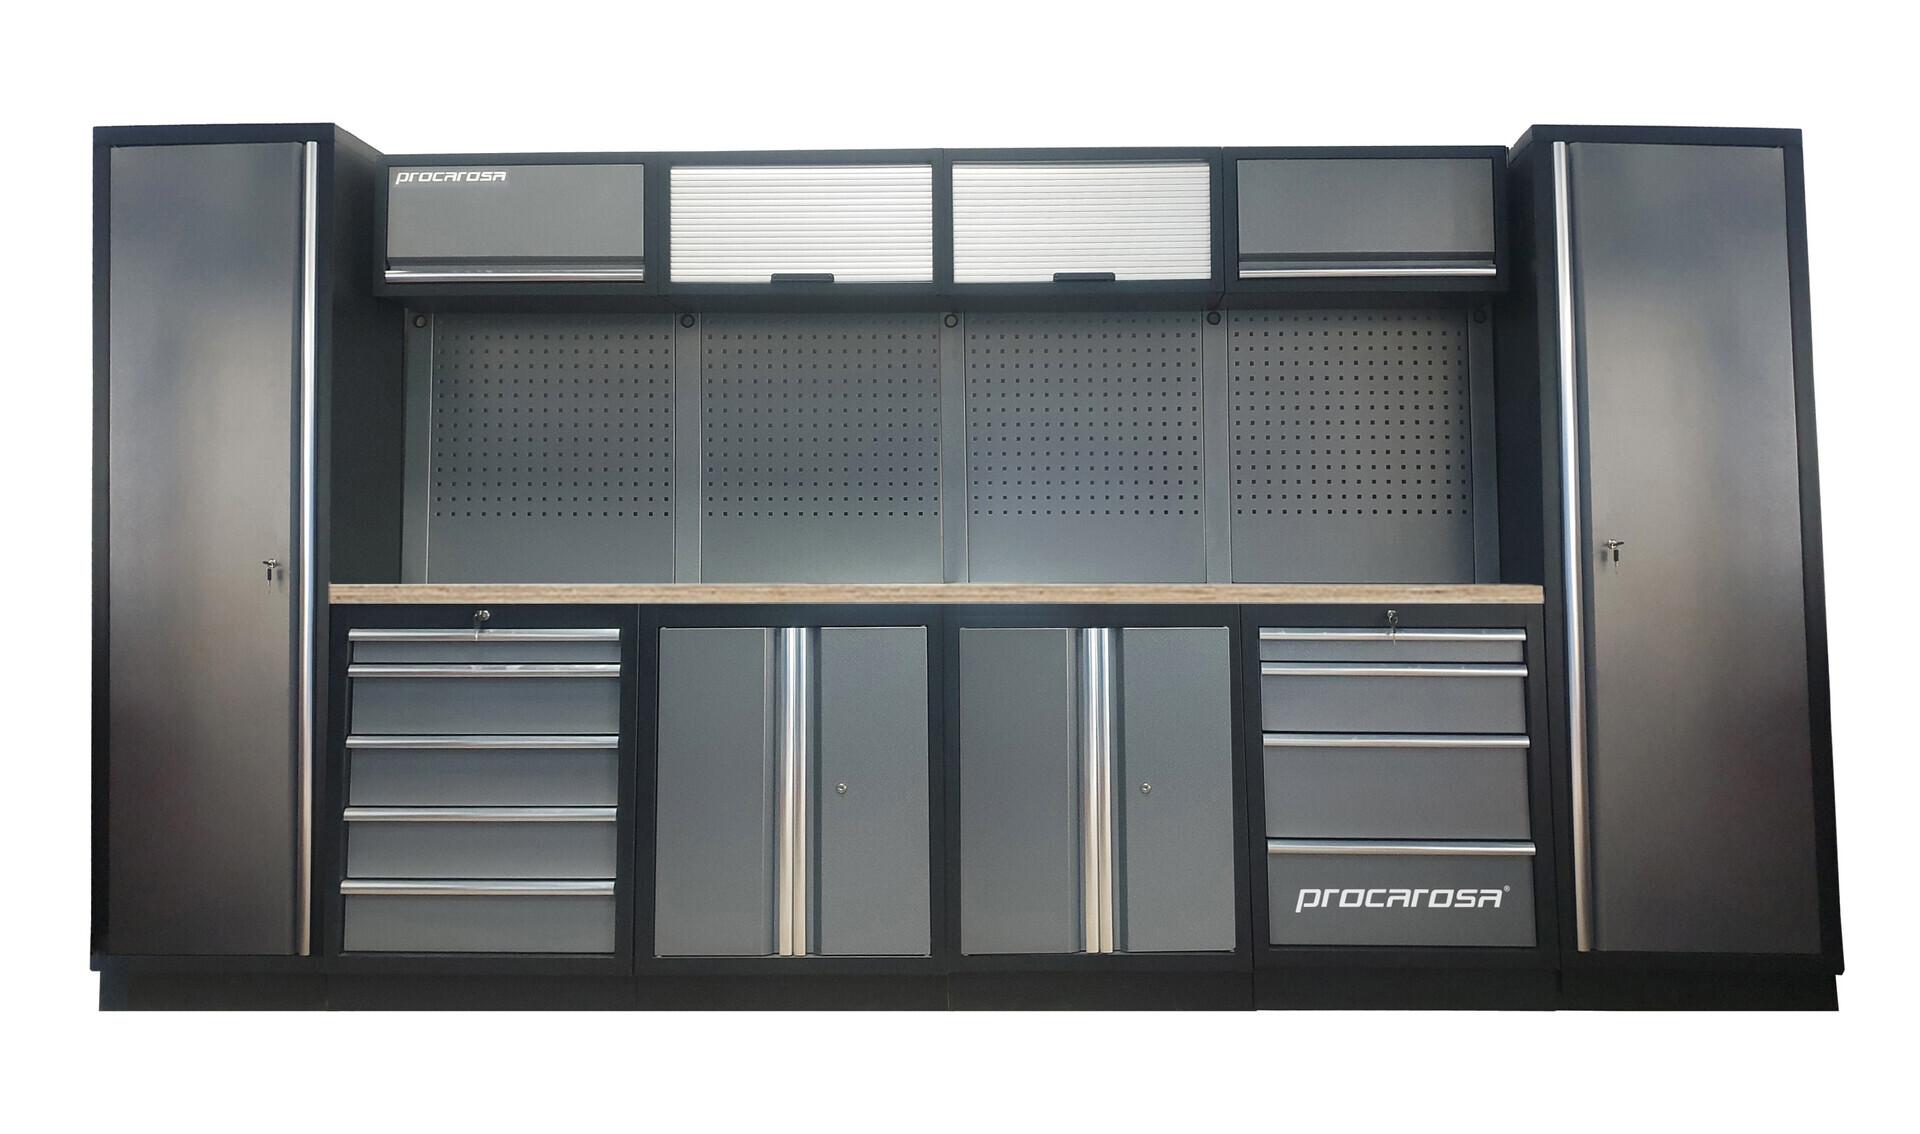 Sestava dílenského nábytku Procarosa PROFESSIONAL L-2 Pracovní deska: dřevěná, Hmotnost: 3